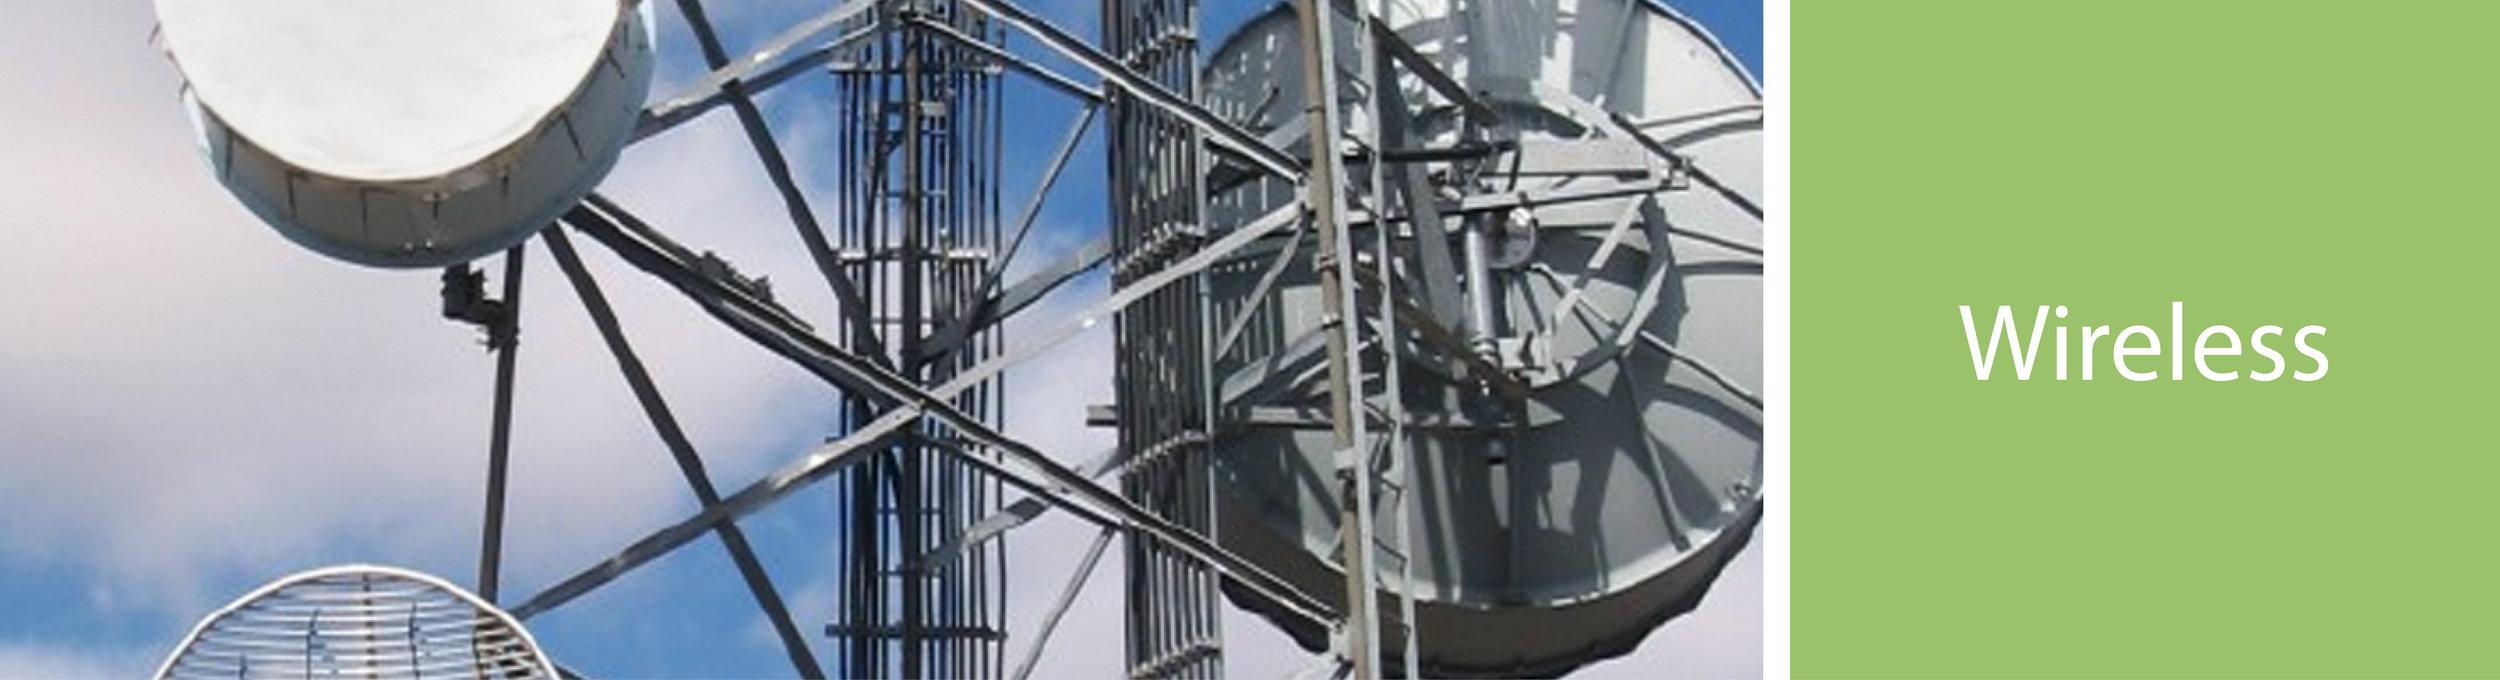 Wireless Website JPEG.jpg